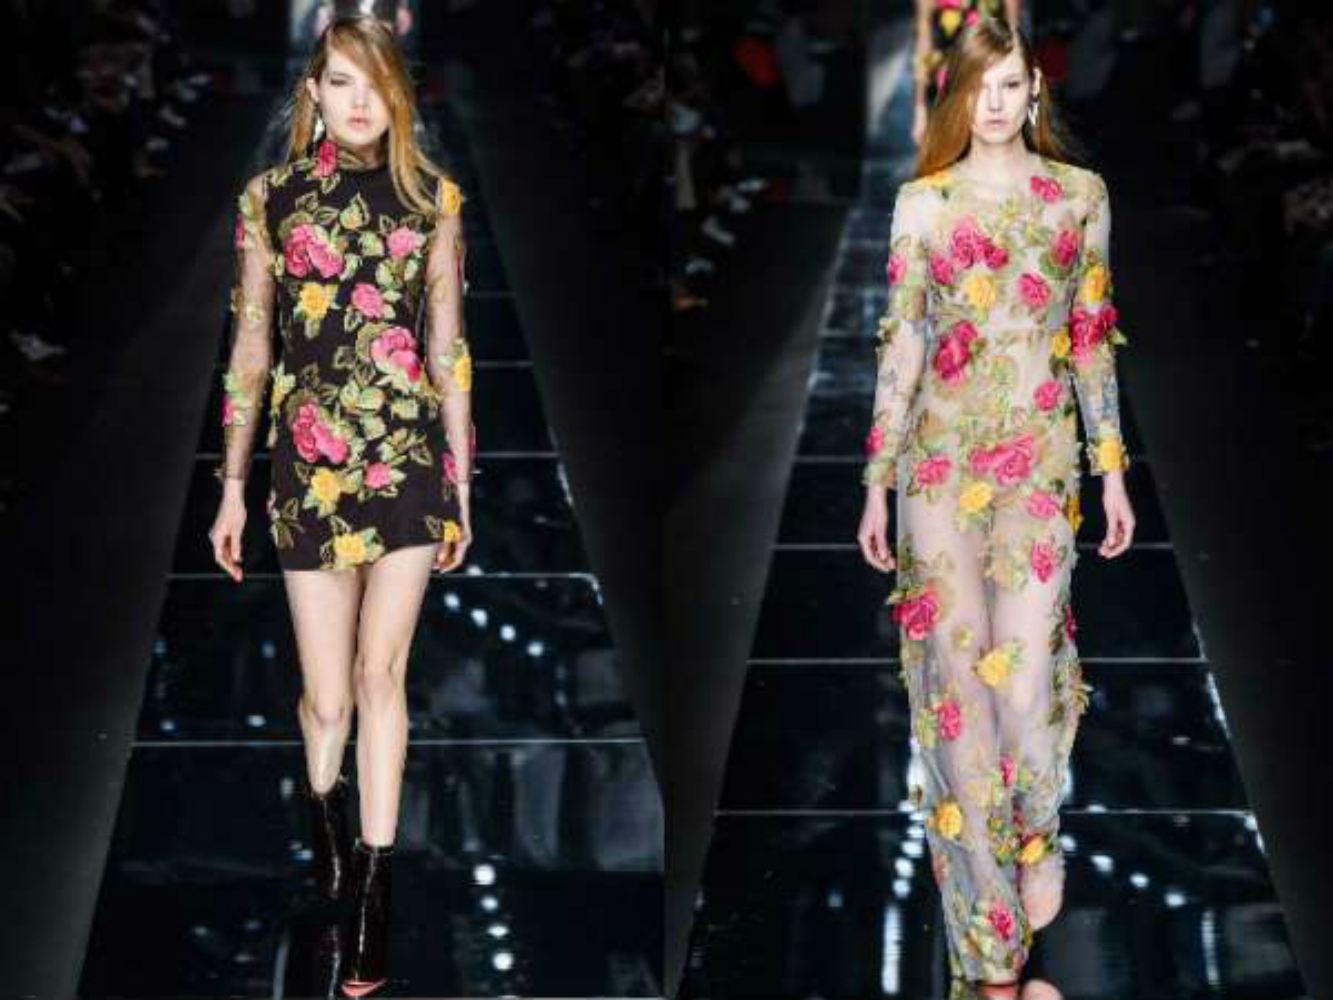 Модні сукні для урочистих випадків. Пір я і бахрома. Грецький стиль ... c9b2938709d32